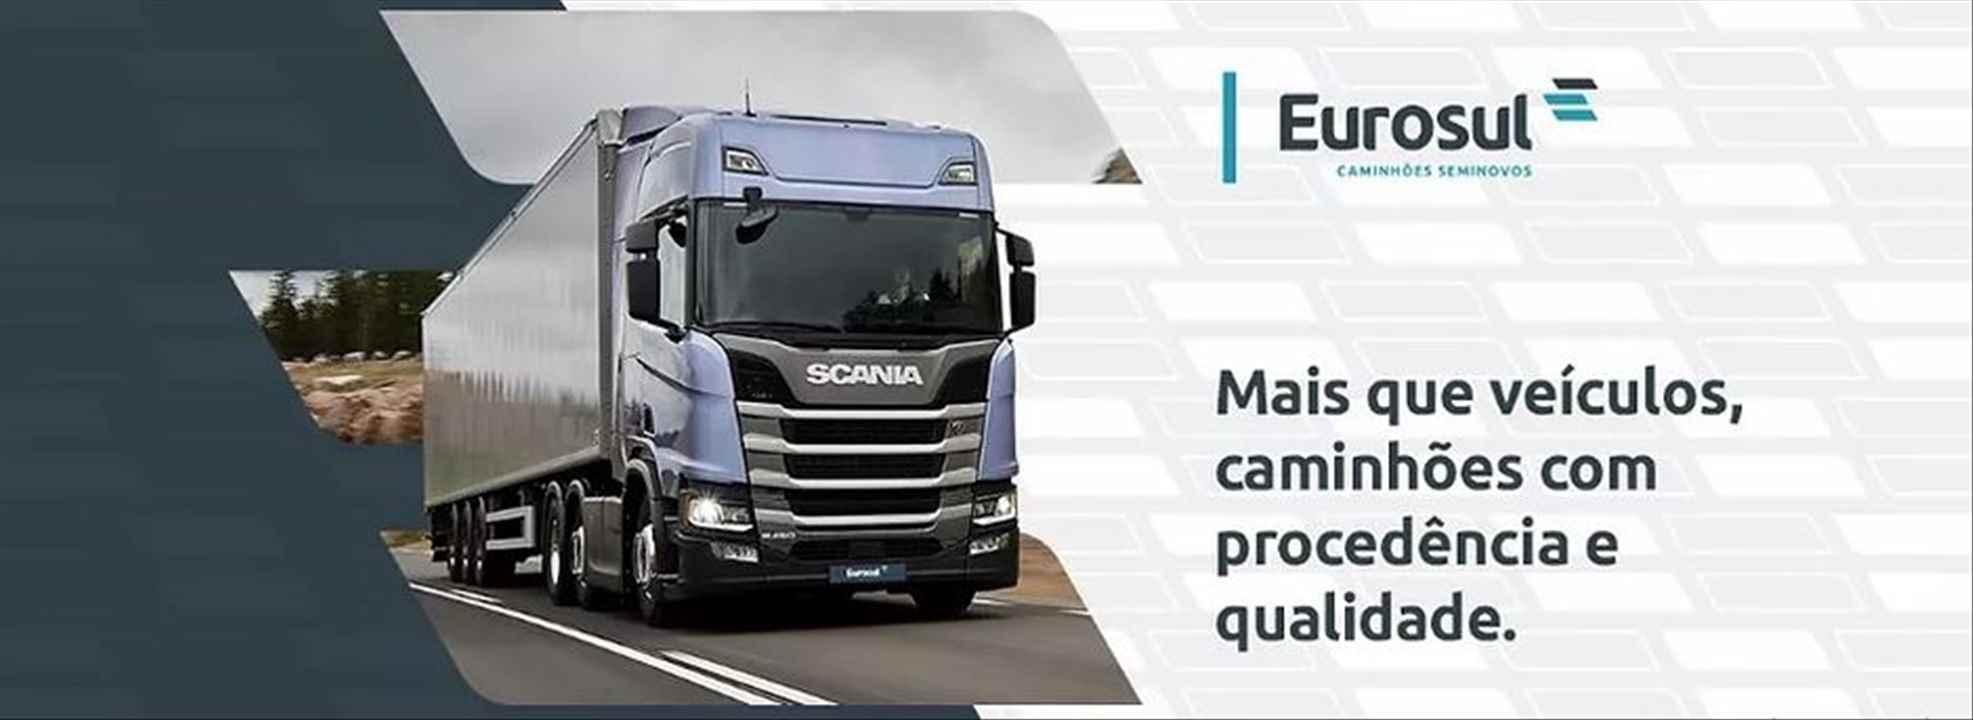 Foto da Loja da Eurosul Caminhões Seminovos